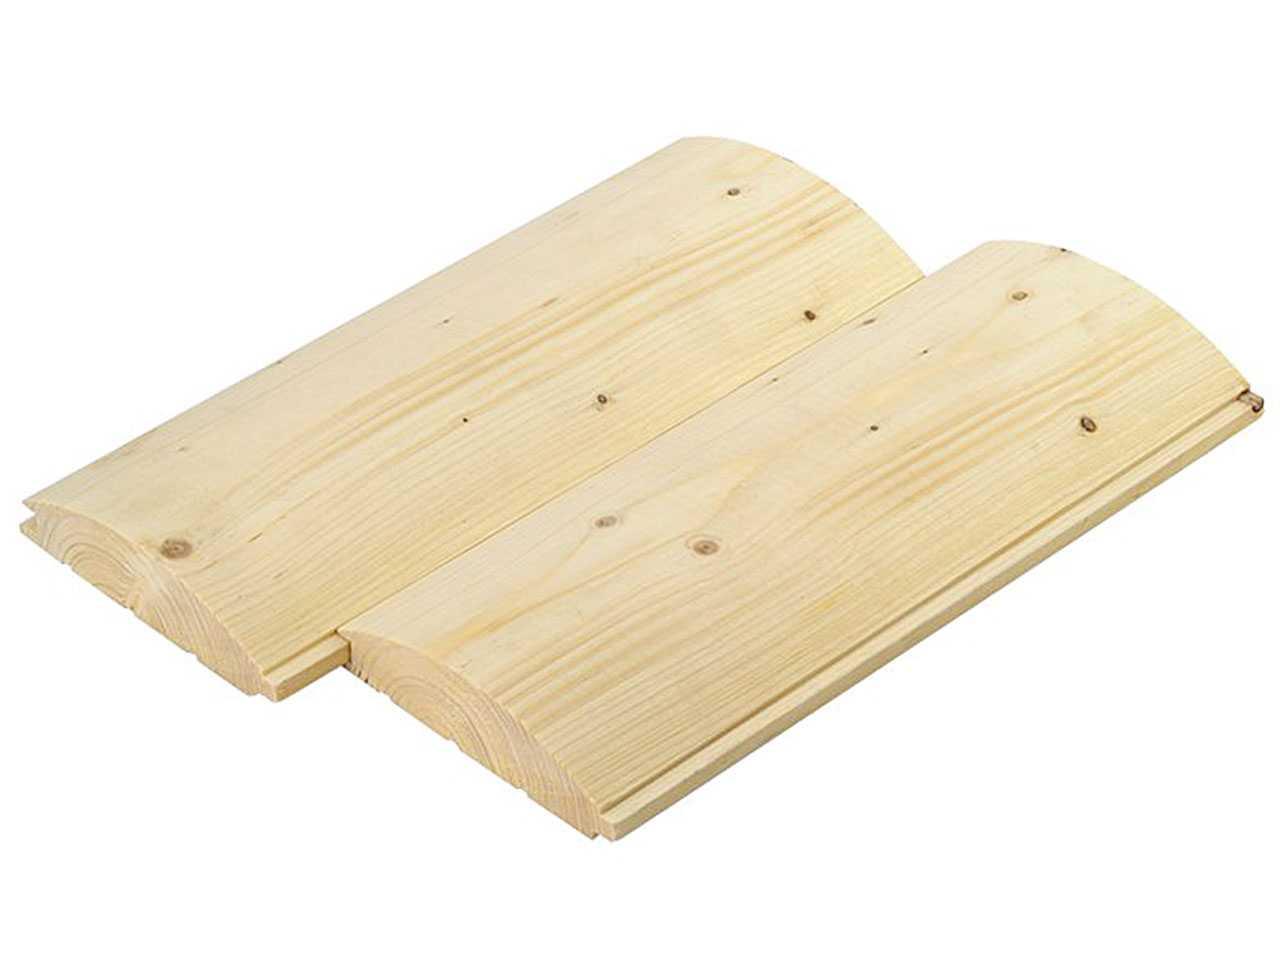 Блок-xаус из дерева сосна, ель 130x35x4,5 м